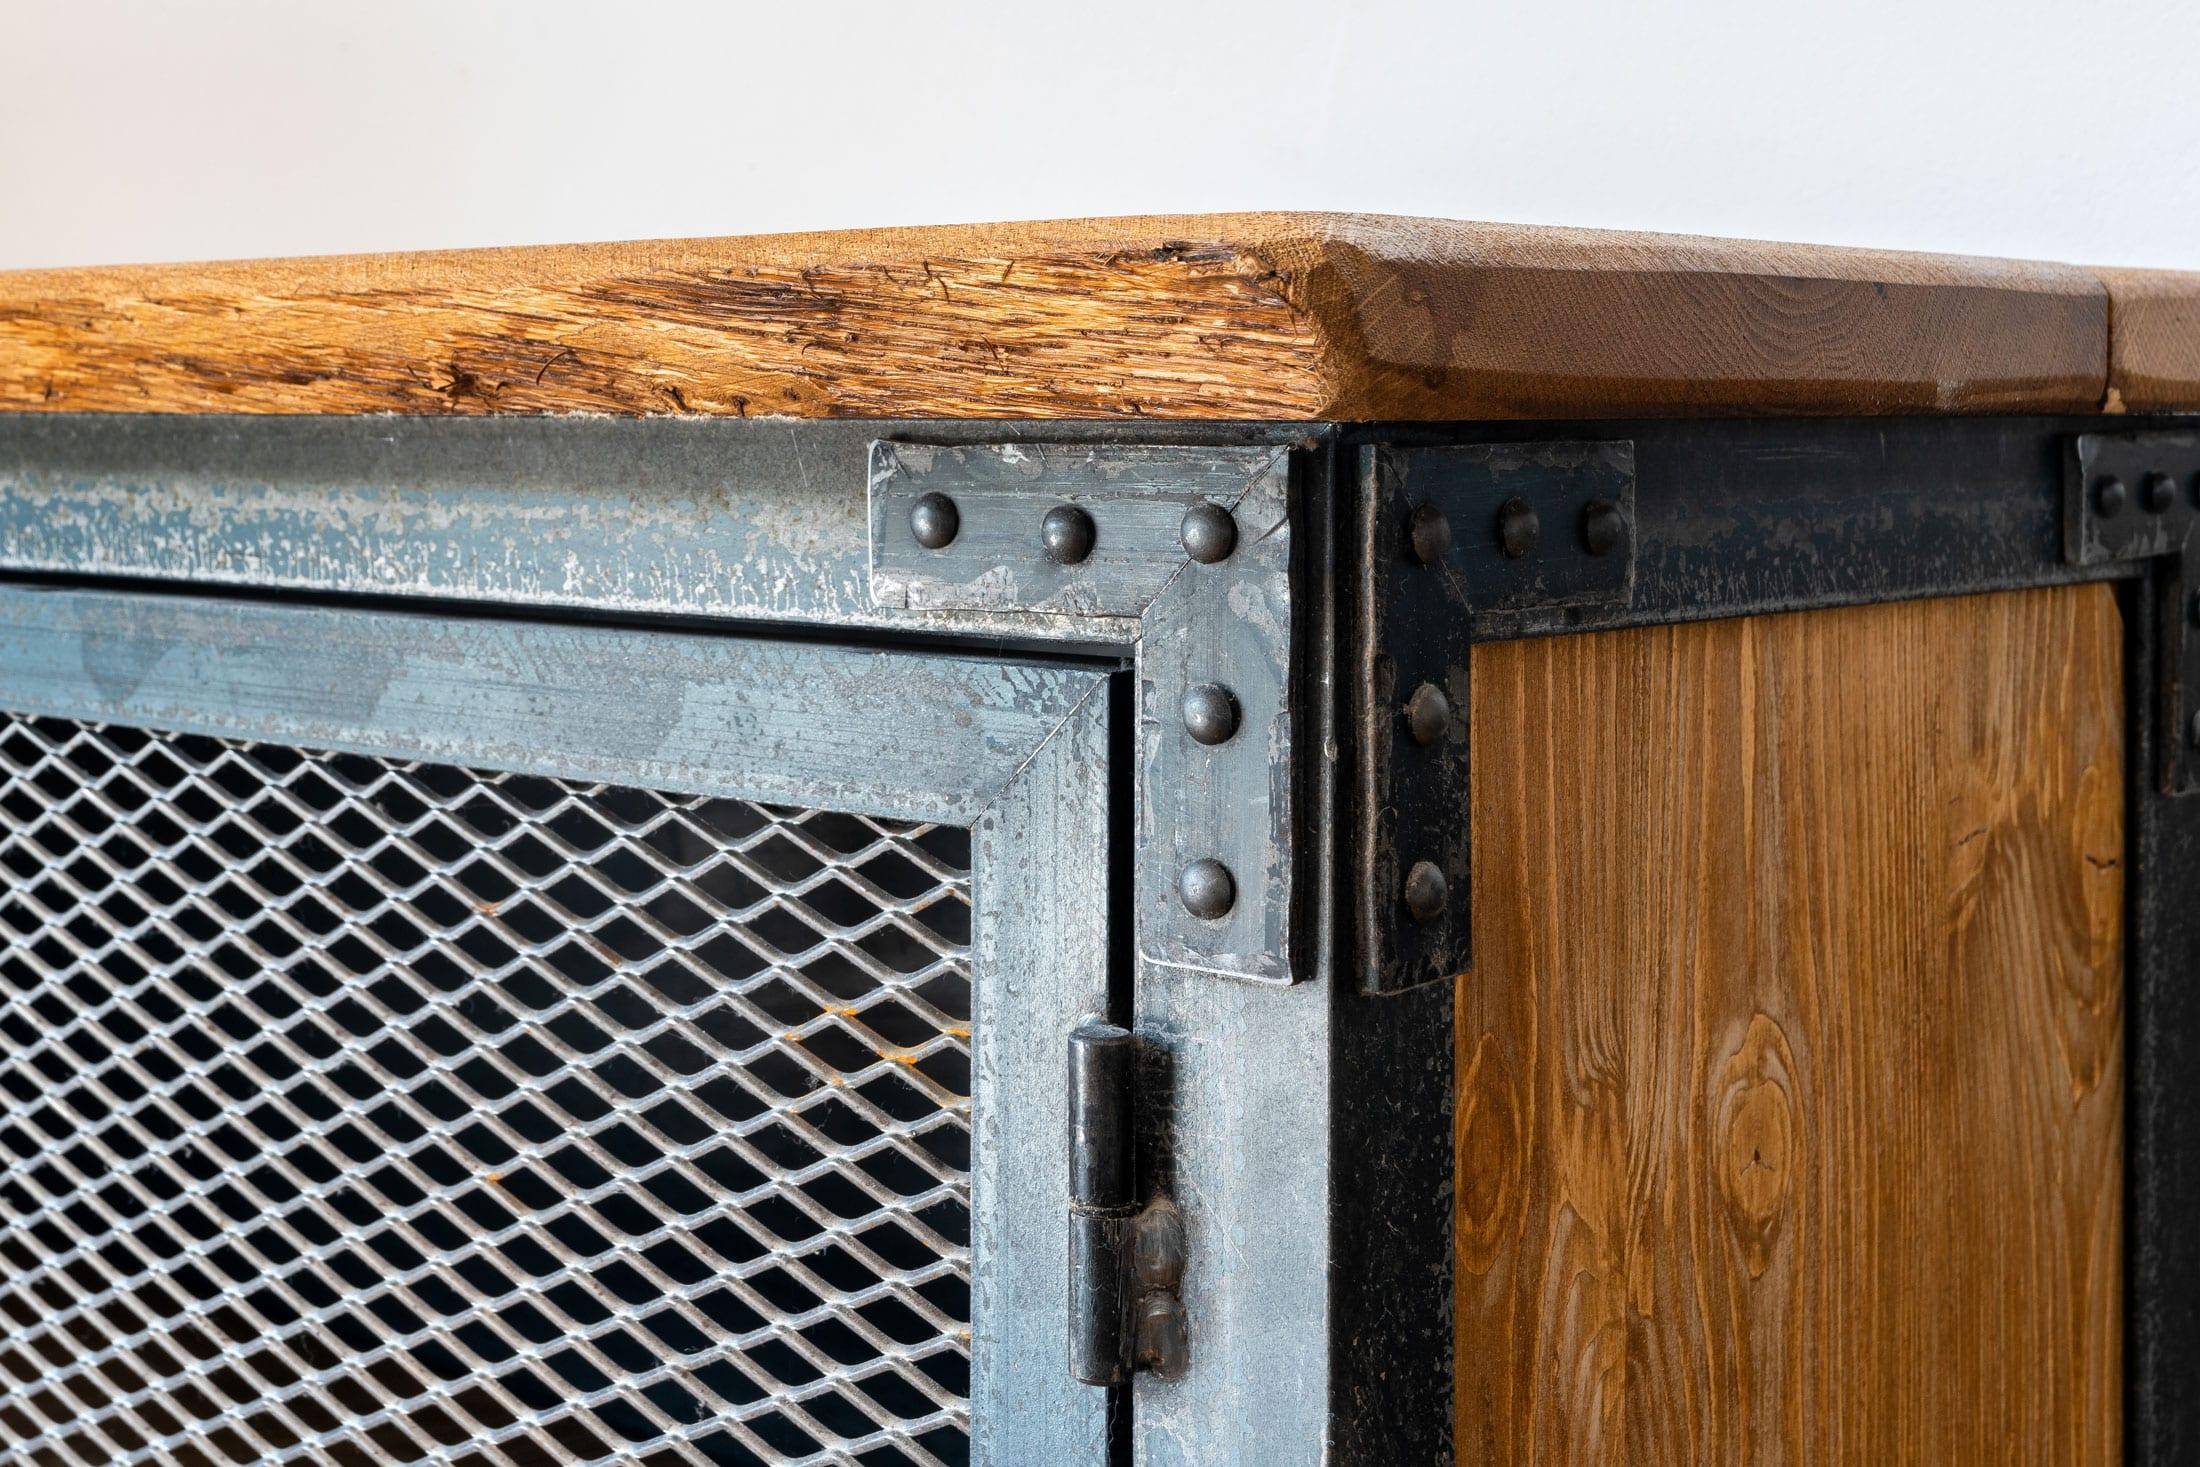 VINDU-Stylez, TV-Möbel, Appartment 53 | Industrial & Vintage | Möbeldesign | Reith bei Seefeld, Tirol, Österreich | MSC Fabian Knes